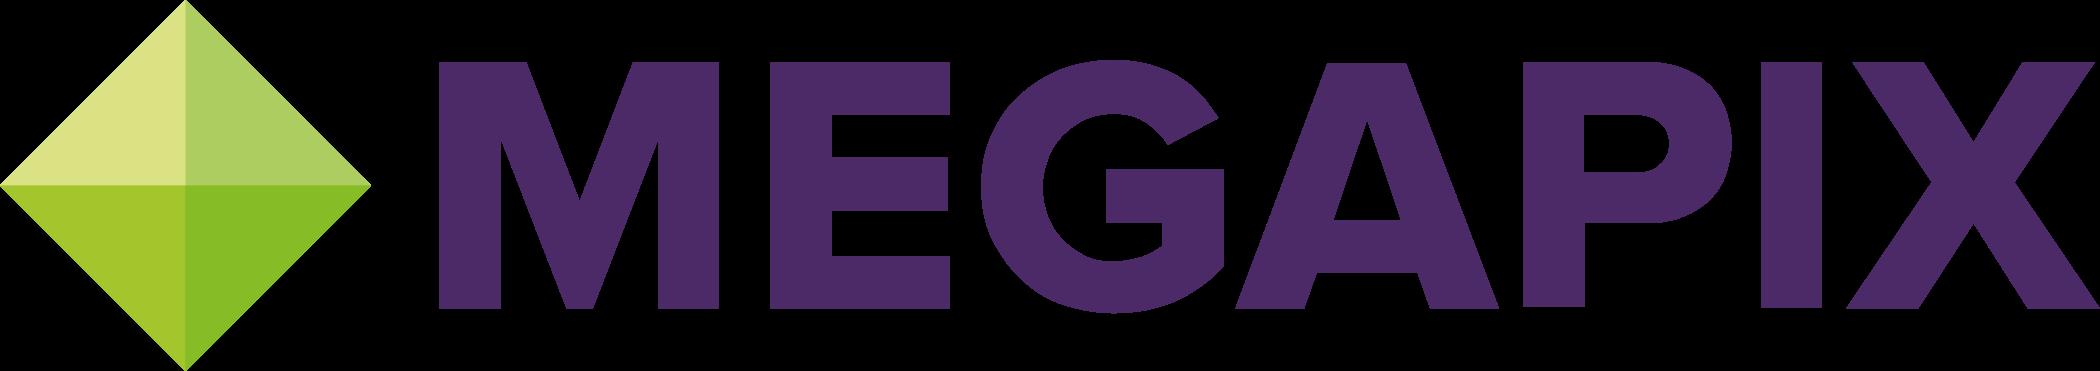 megapix logo 1 - Megapix Logo